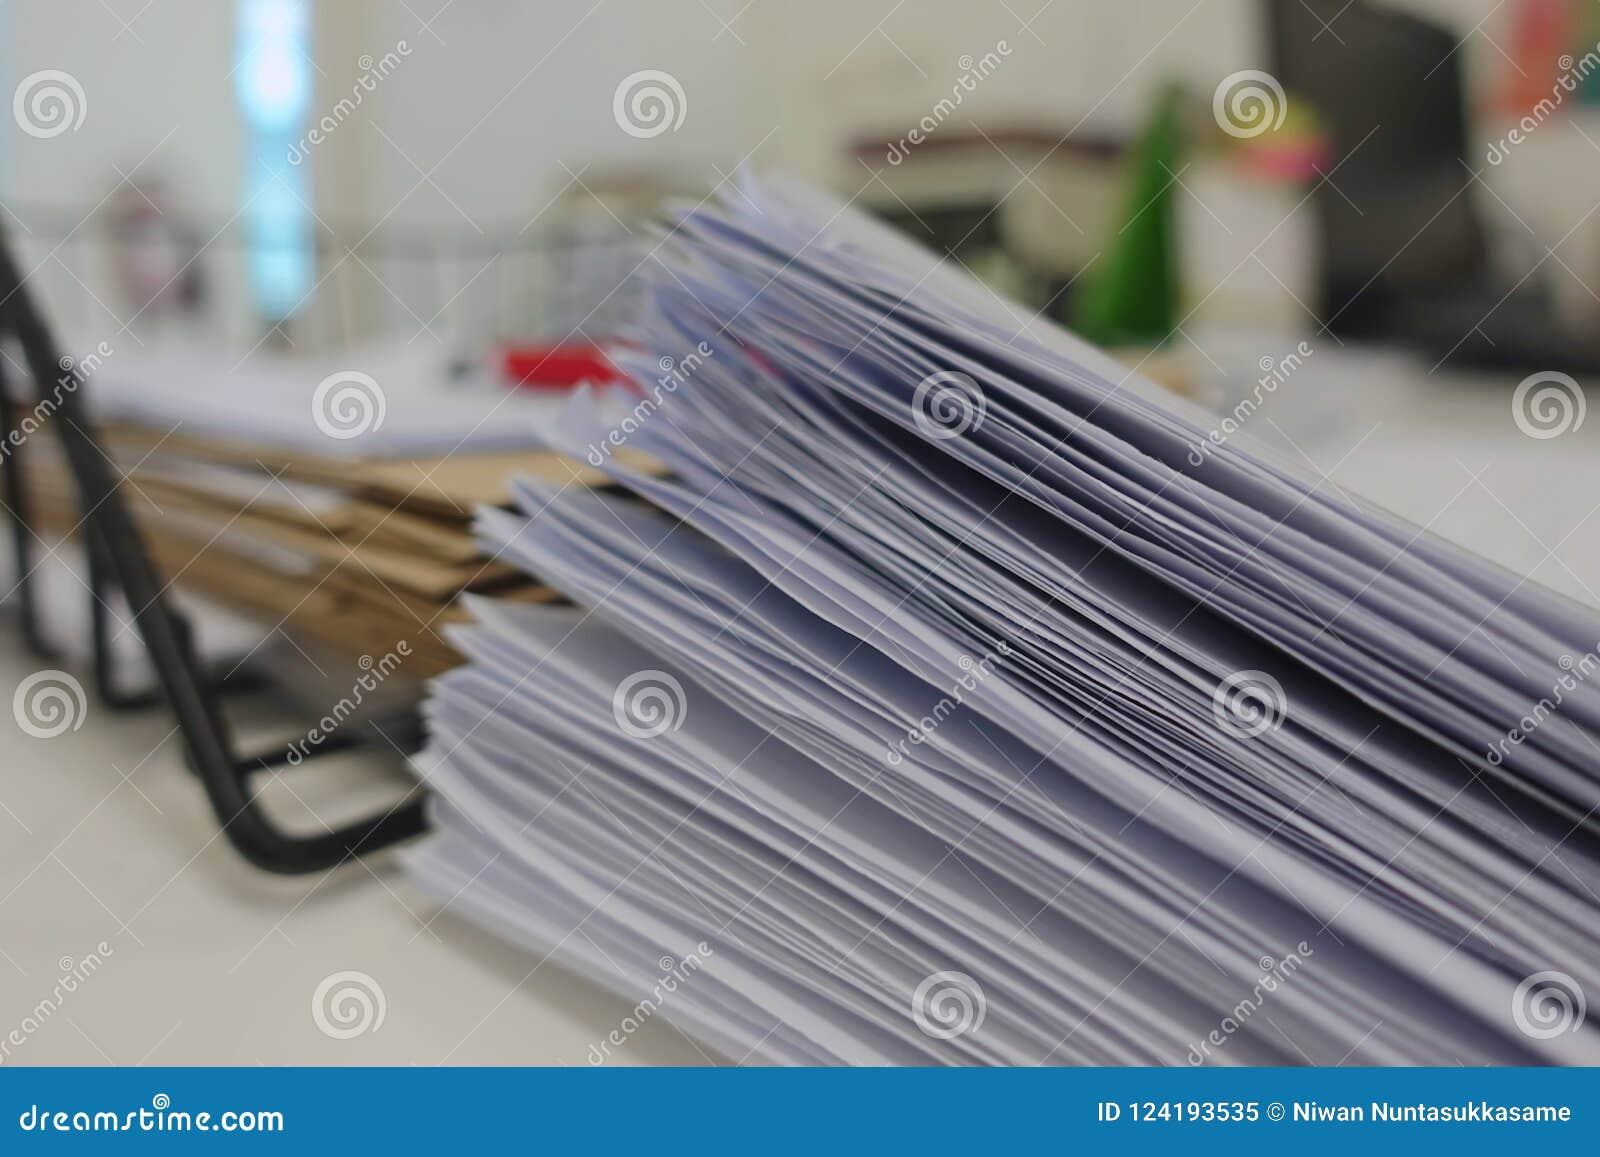 Dokumentenstapel auf Schreibtisch